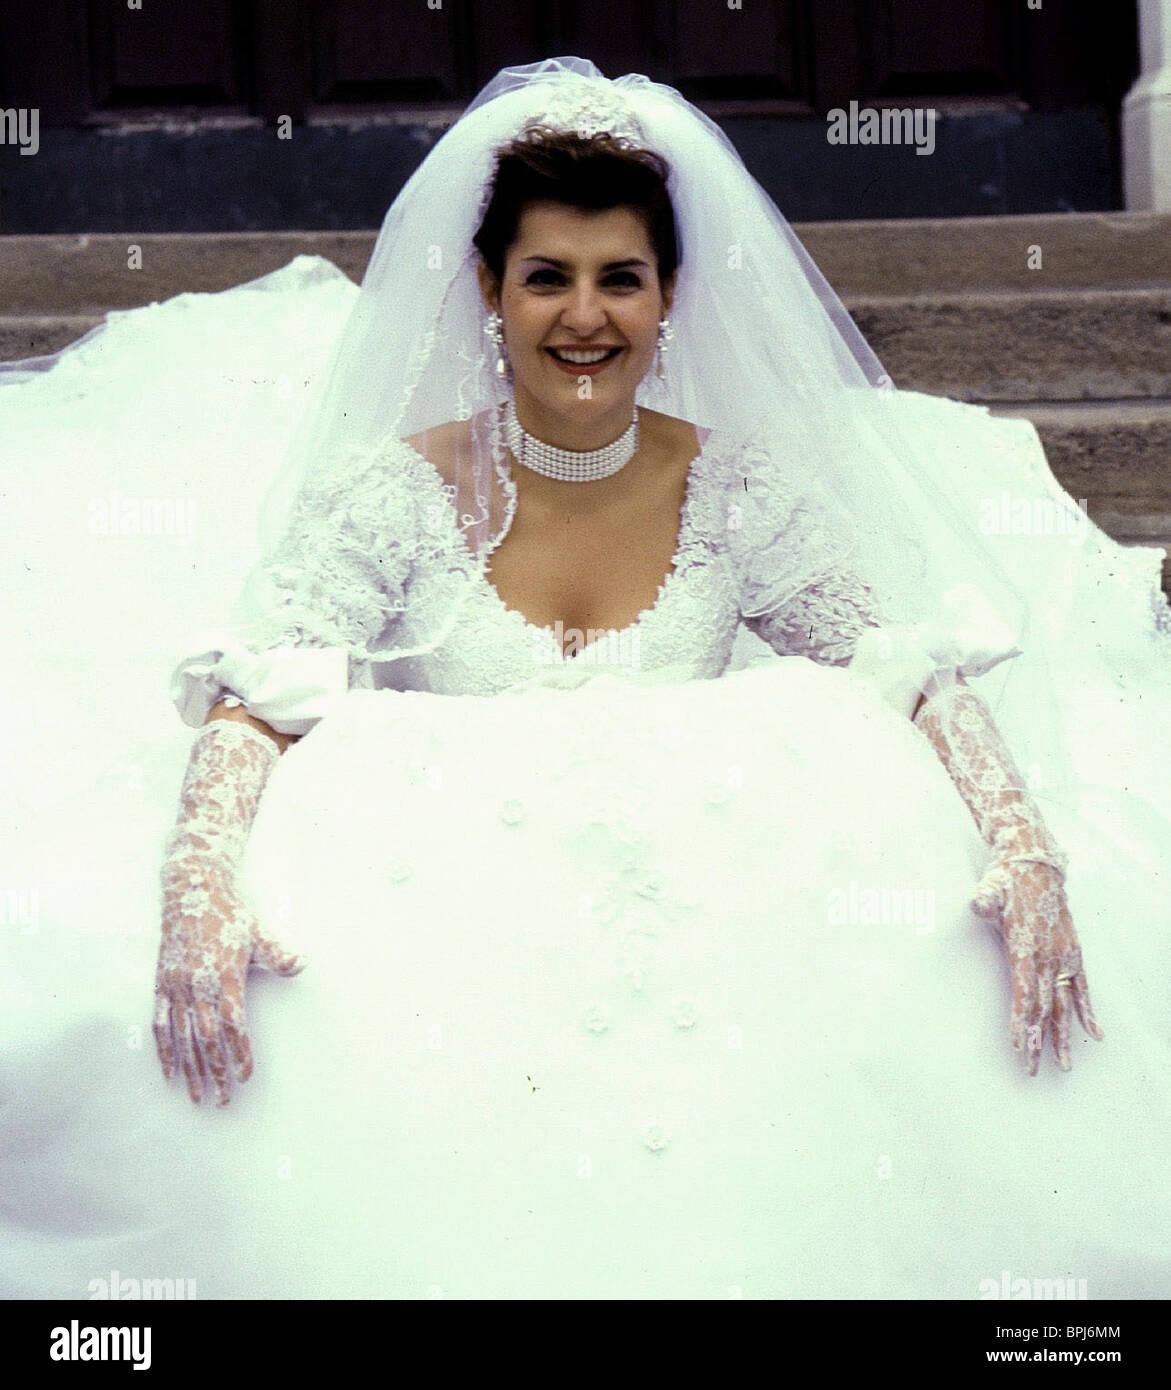 Nia Vardalos My Big Fat Greek Wedding Stock Photos & Nia Vardalos My ...